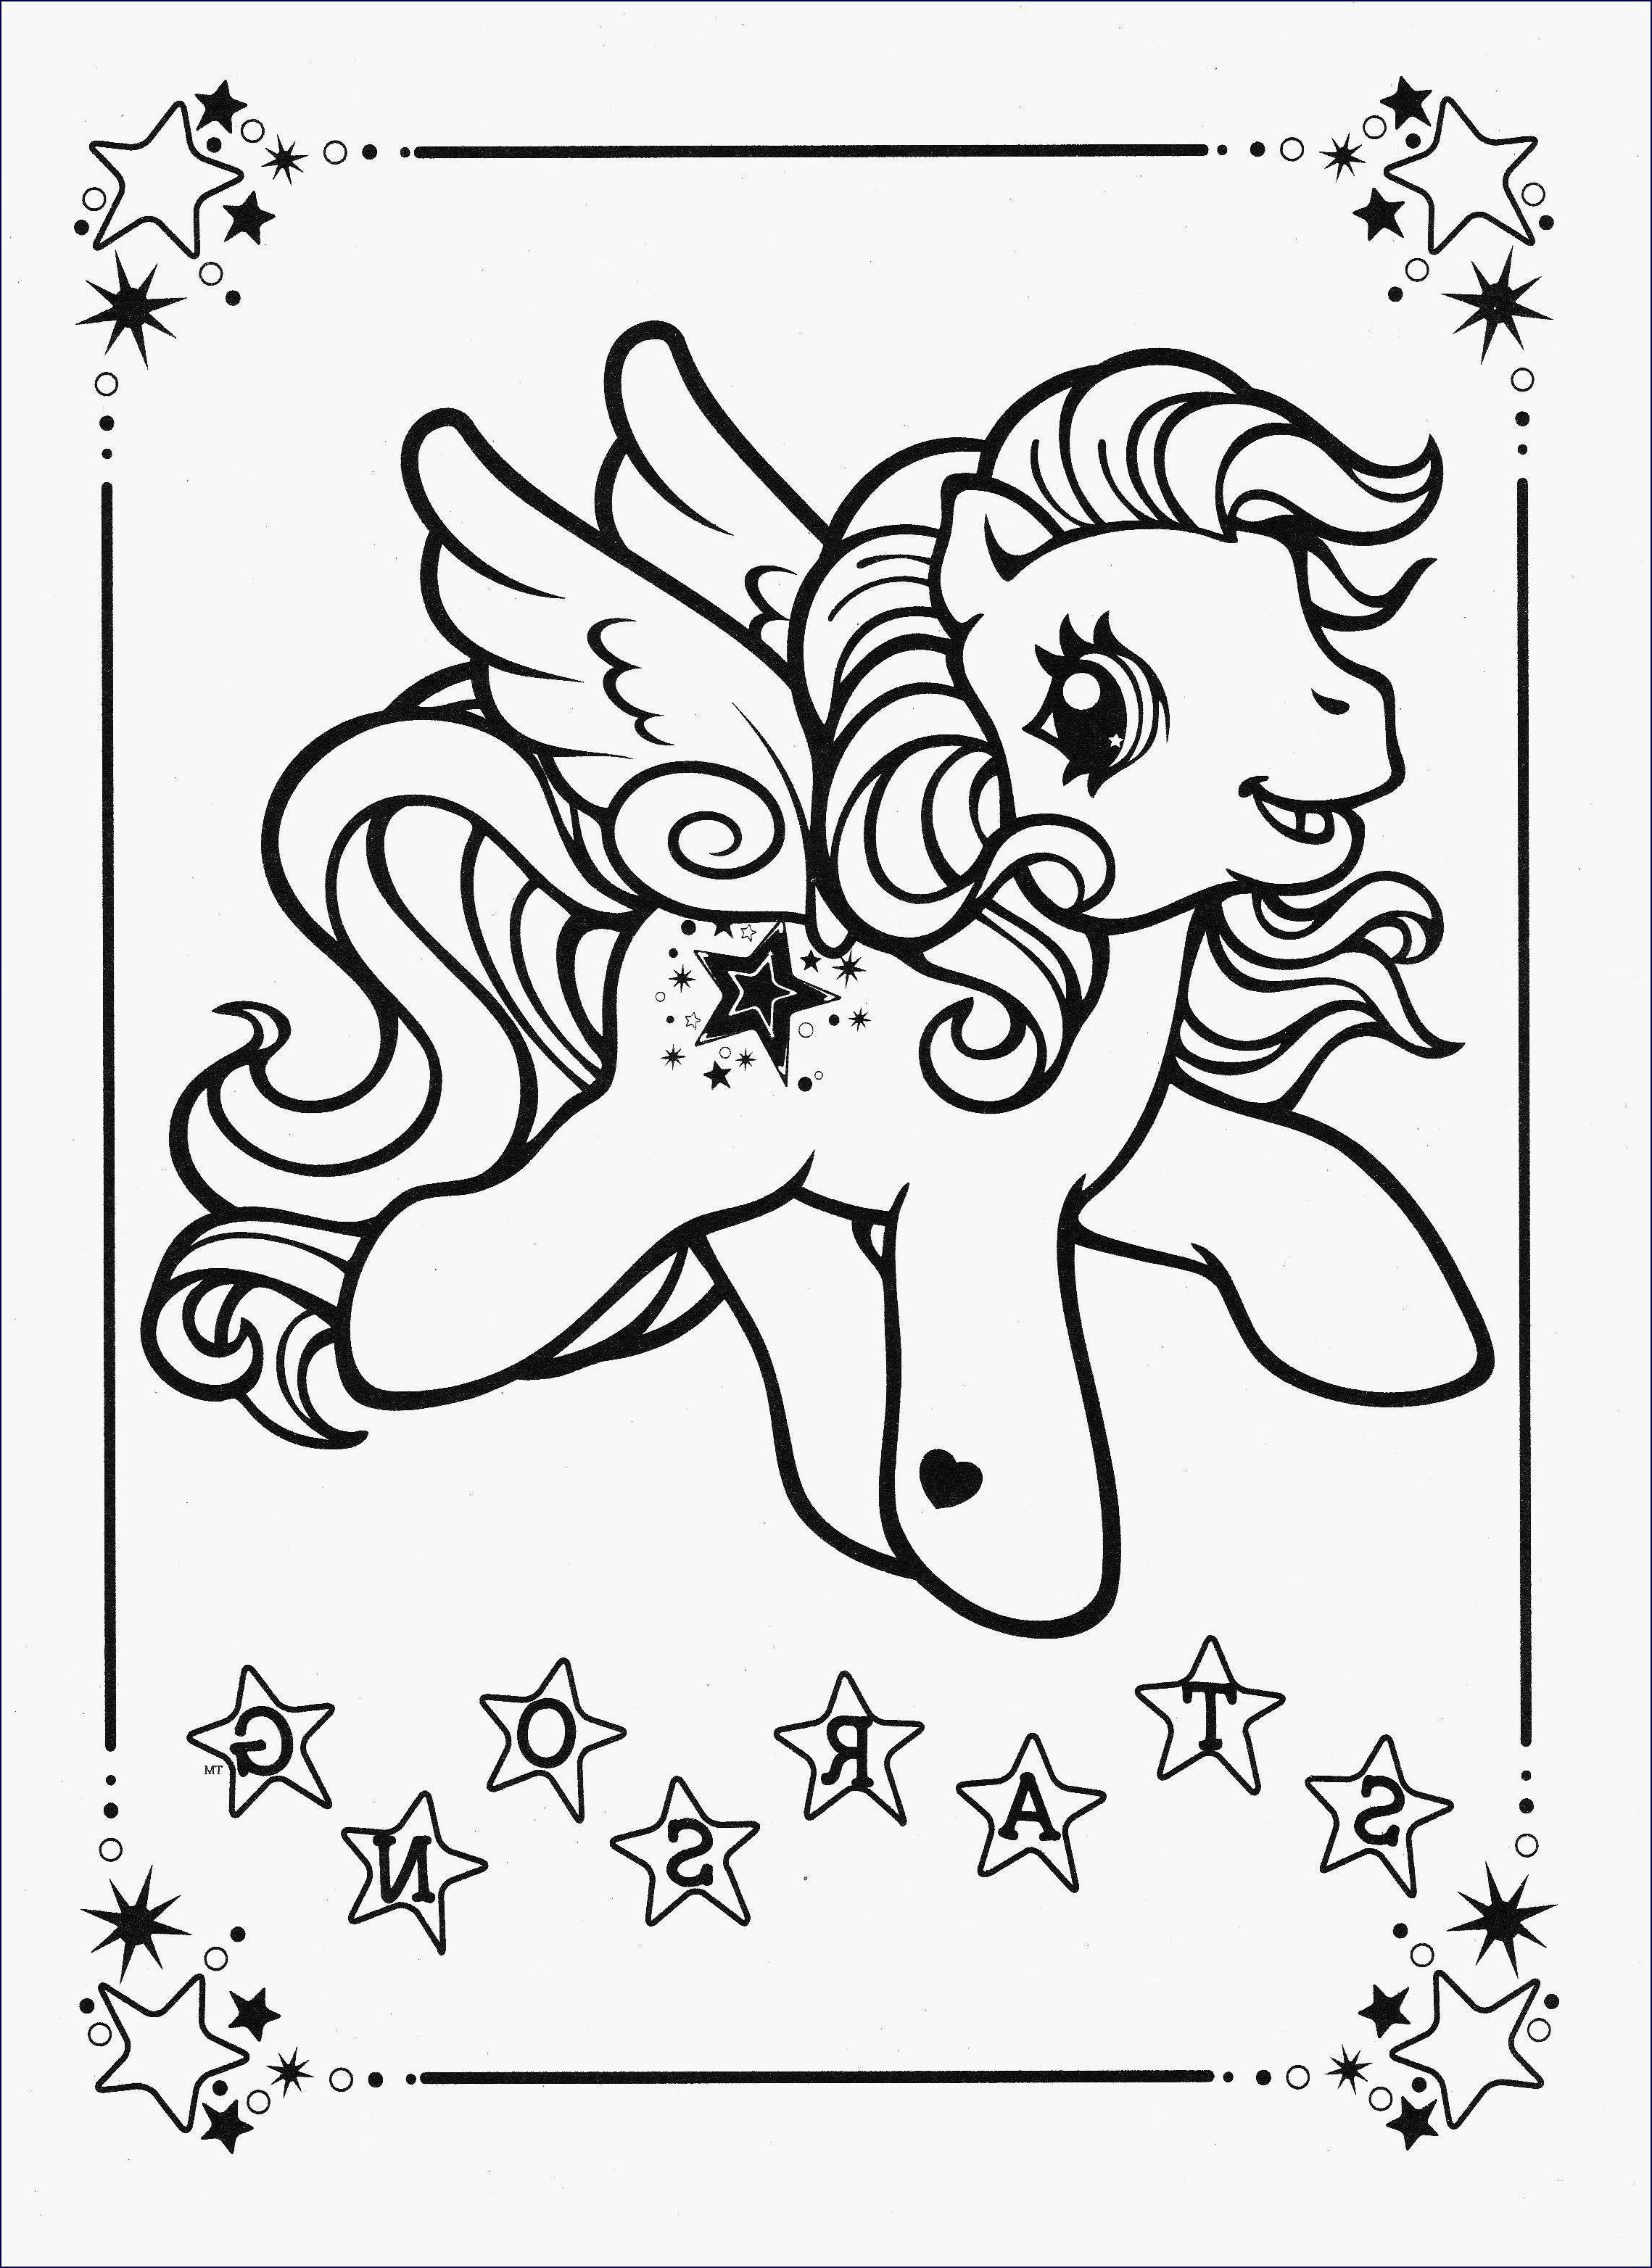 Malvorlagen My Little Pony Neu 32 Fantastisch Ausmalbilder My Little Pony – Malvorlagen Ideen Bilder